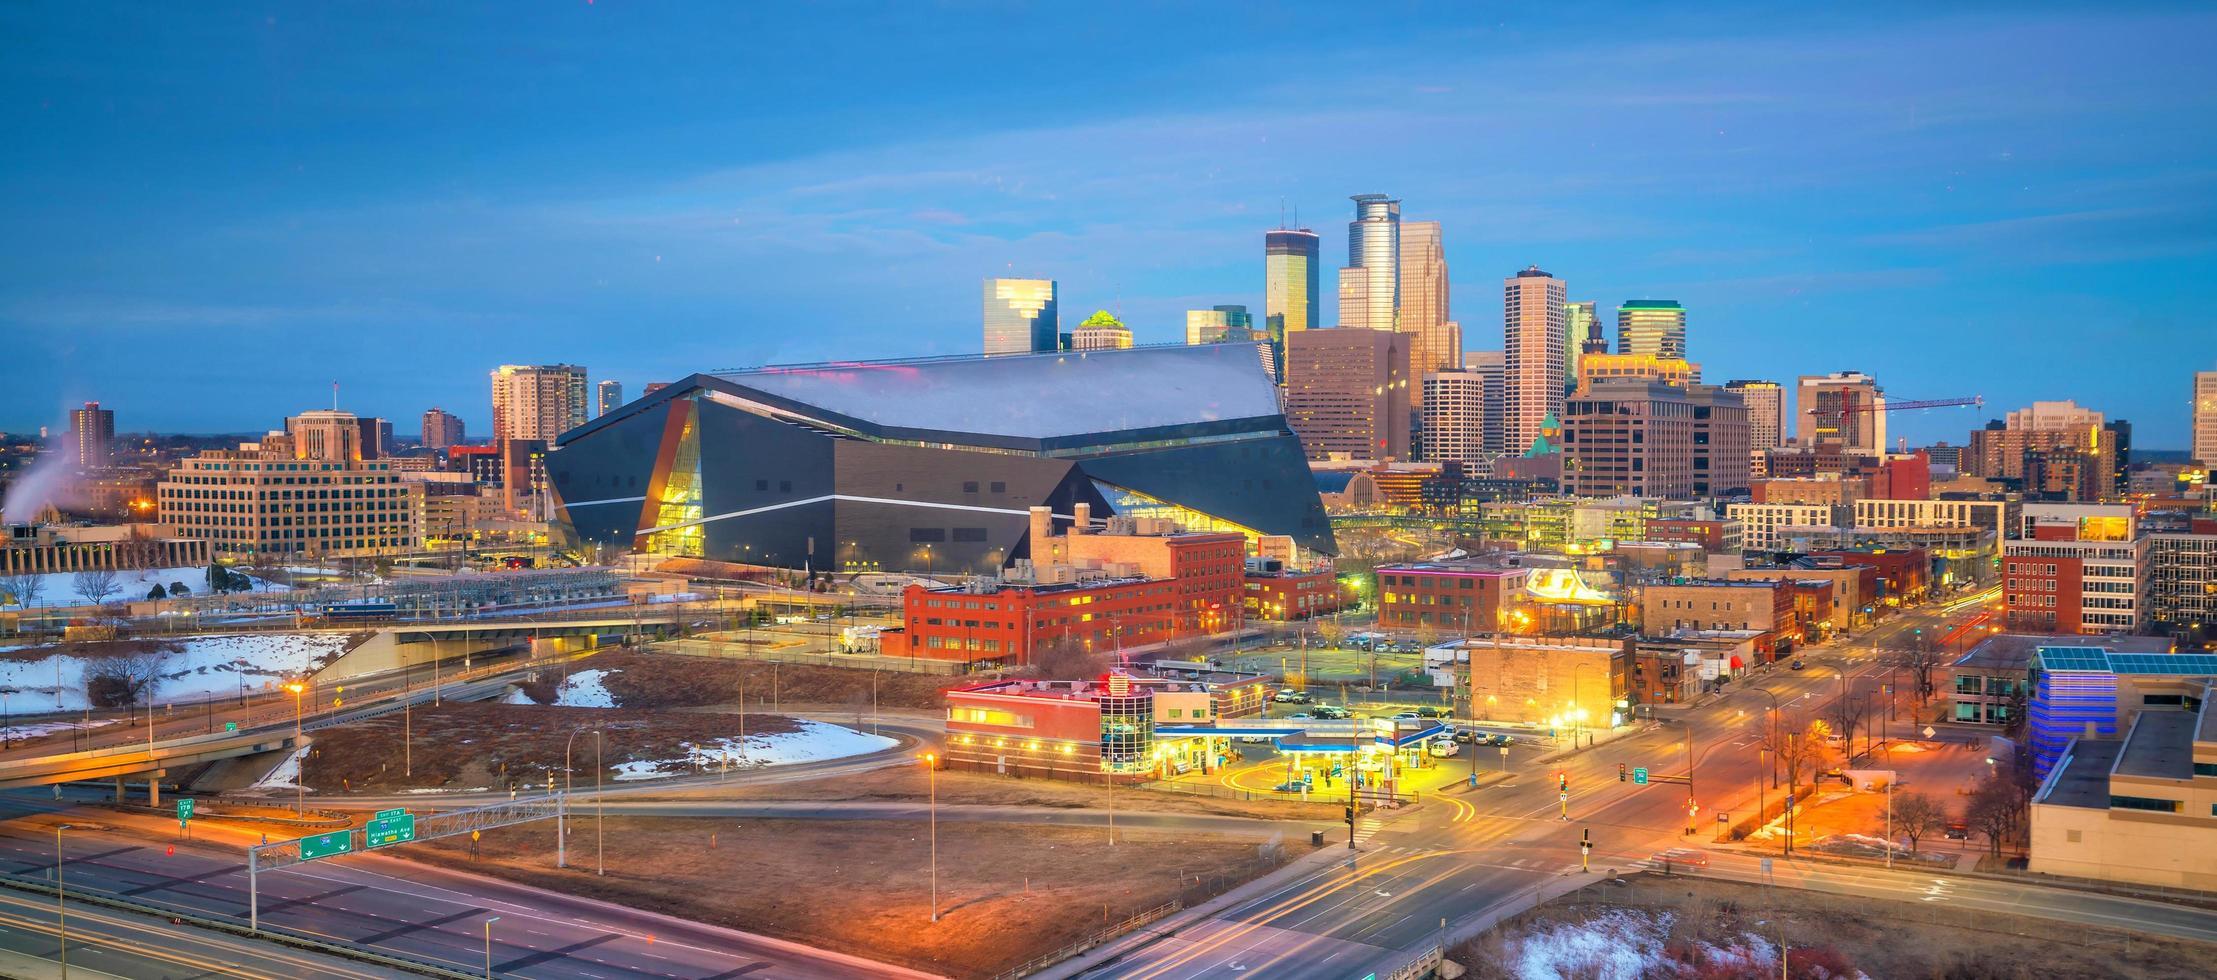 Skyline du centre-ville de Minneapolis dans le Minnesota, États-Unis photo